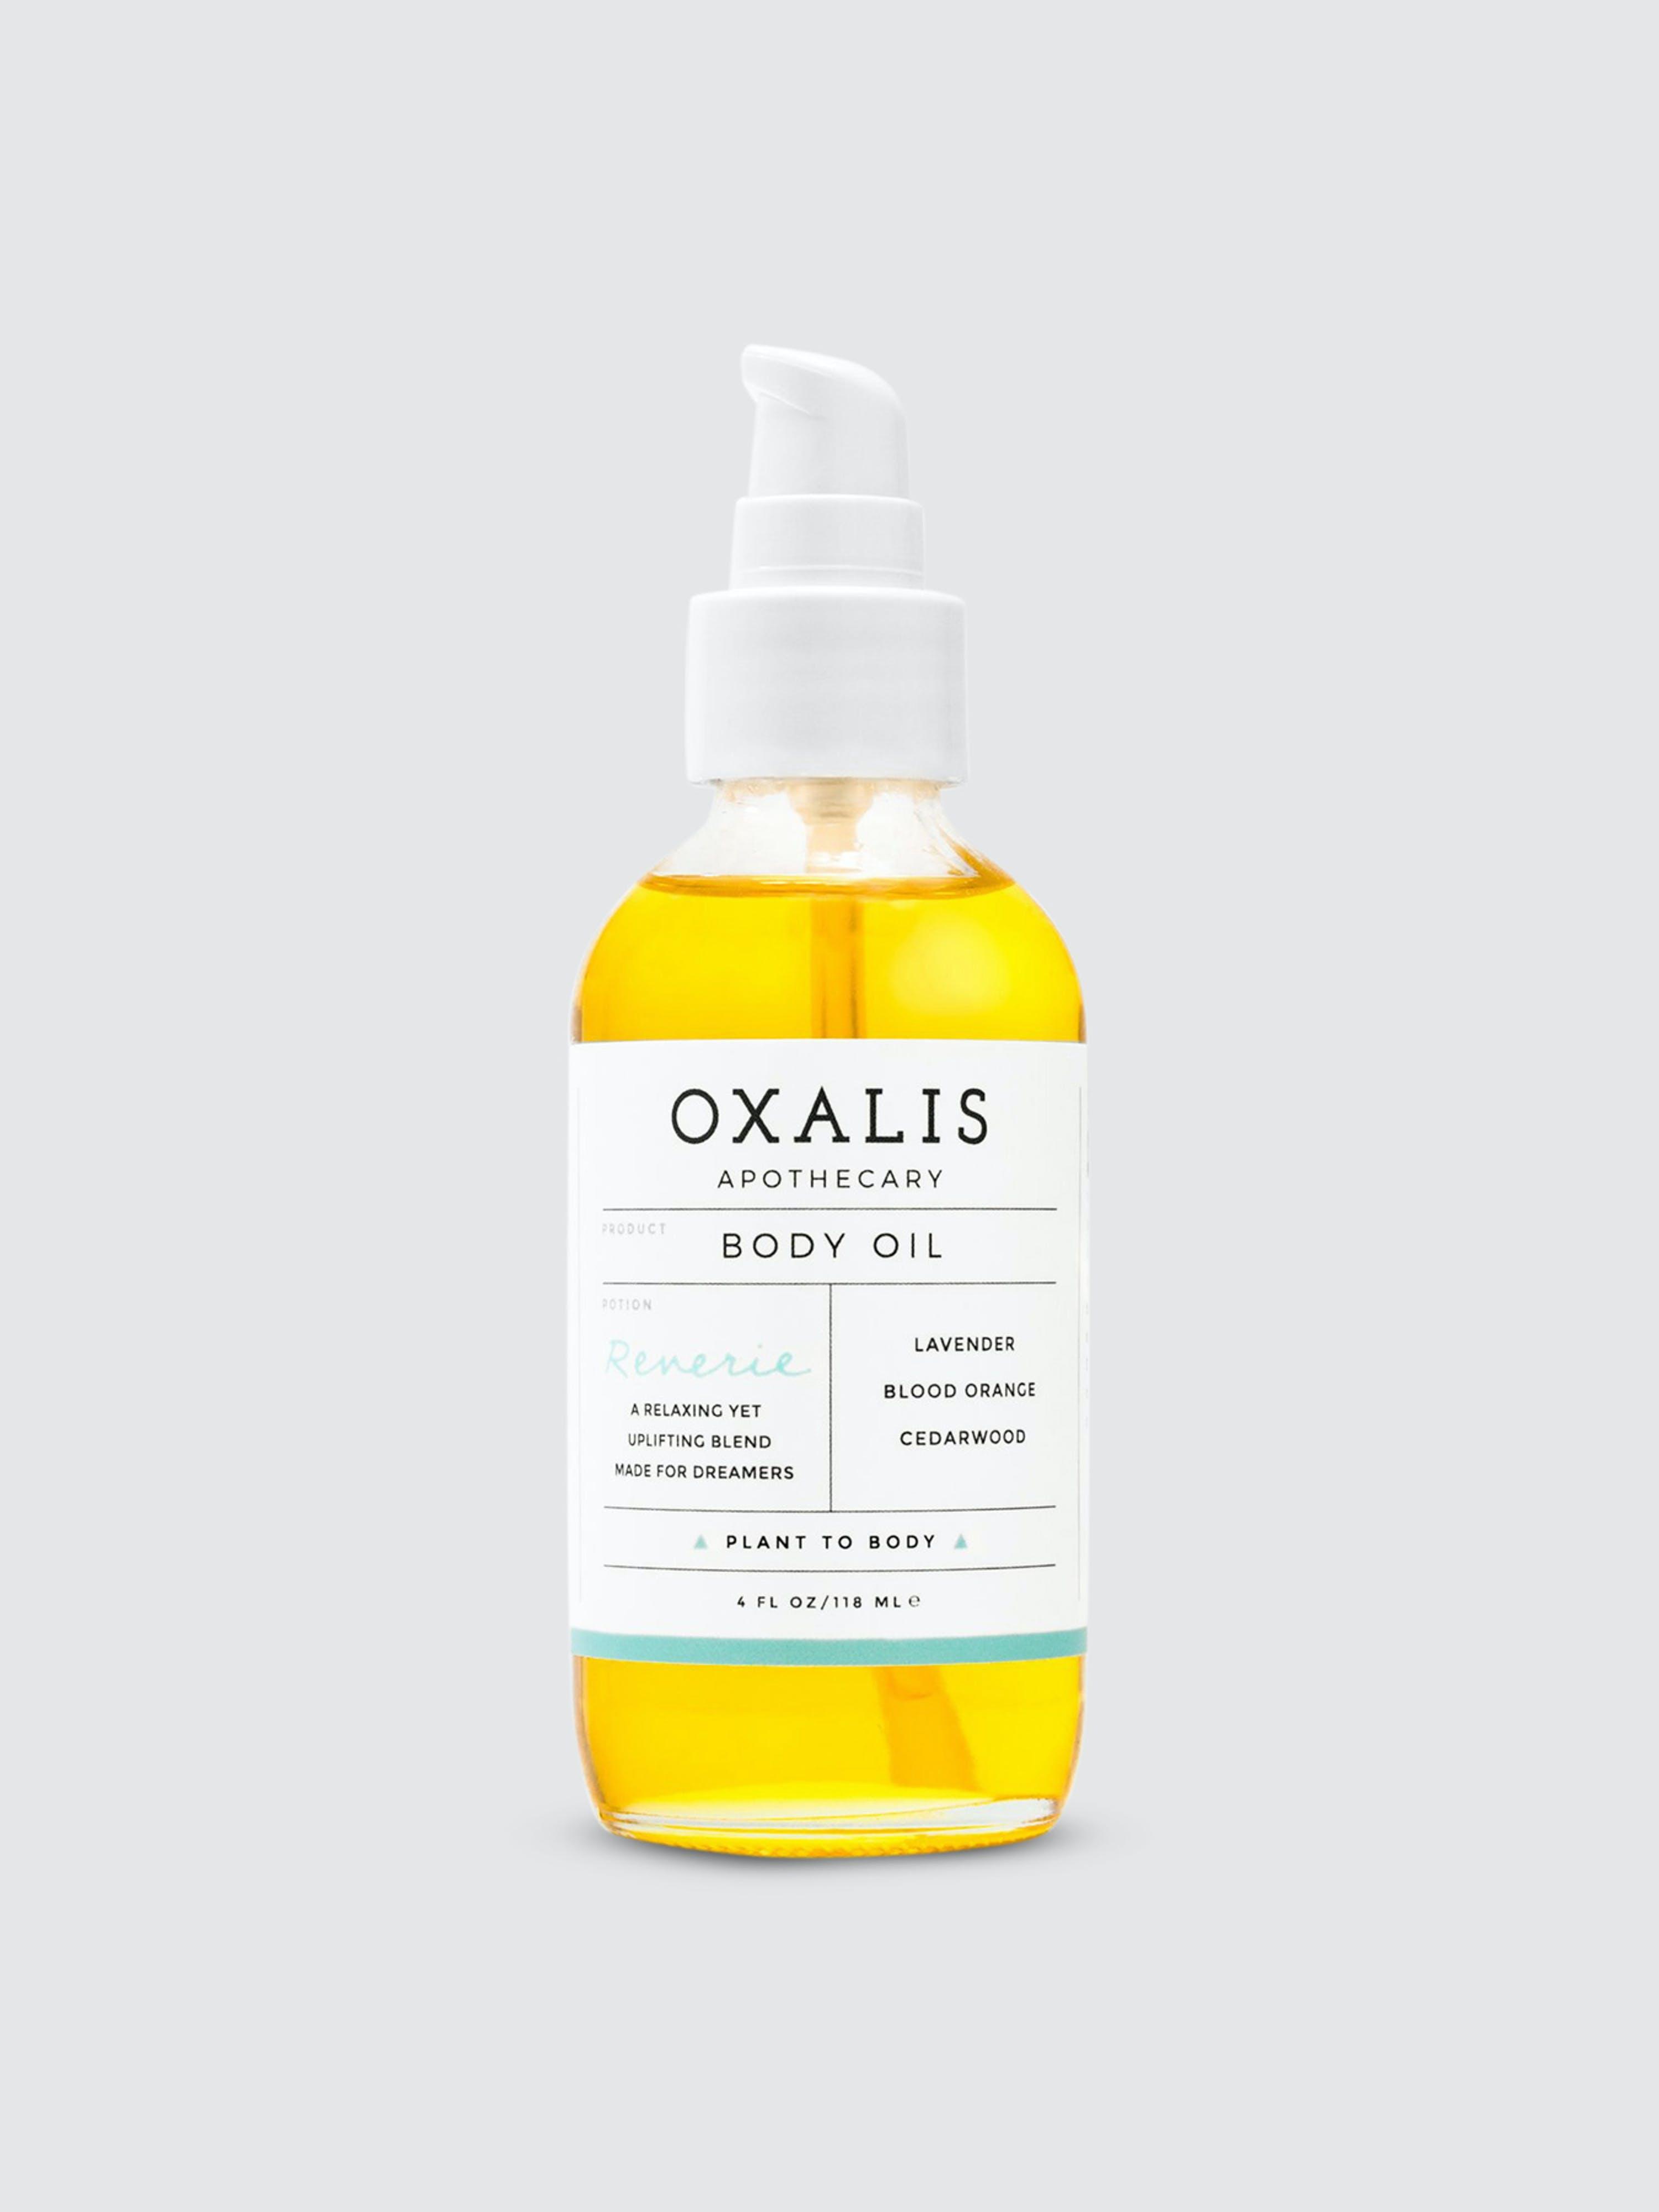 Oxalis Apothecary Reverie Body Oil   Calming Citrus